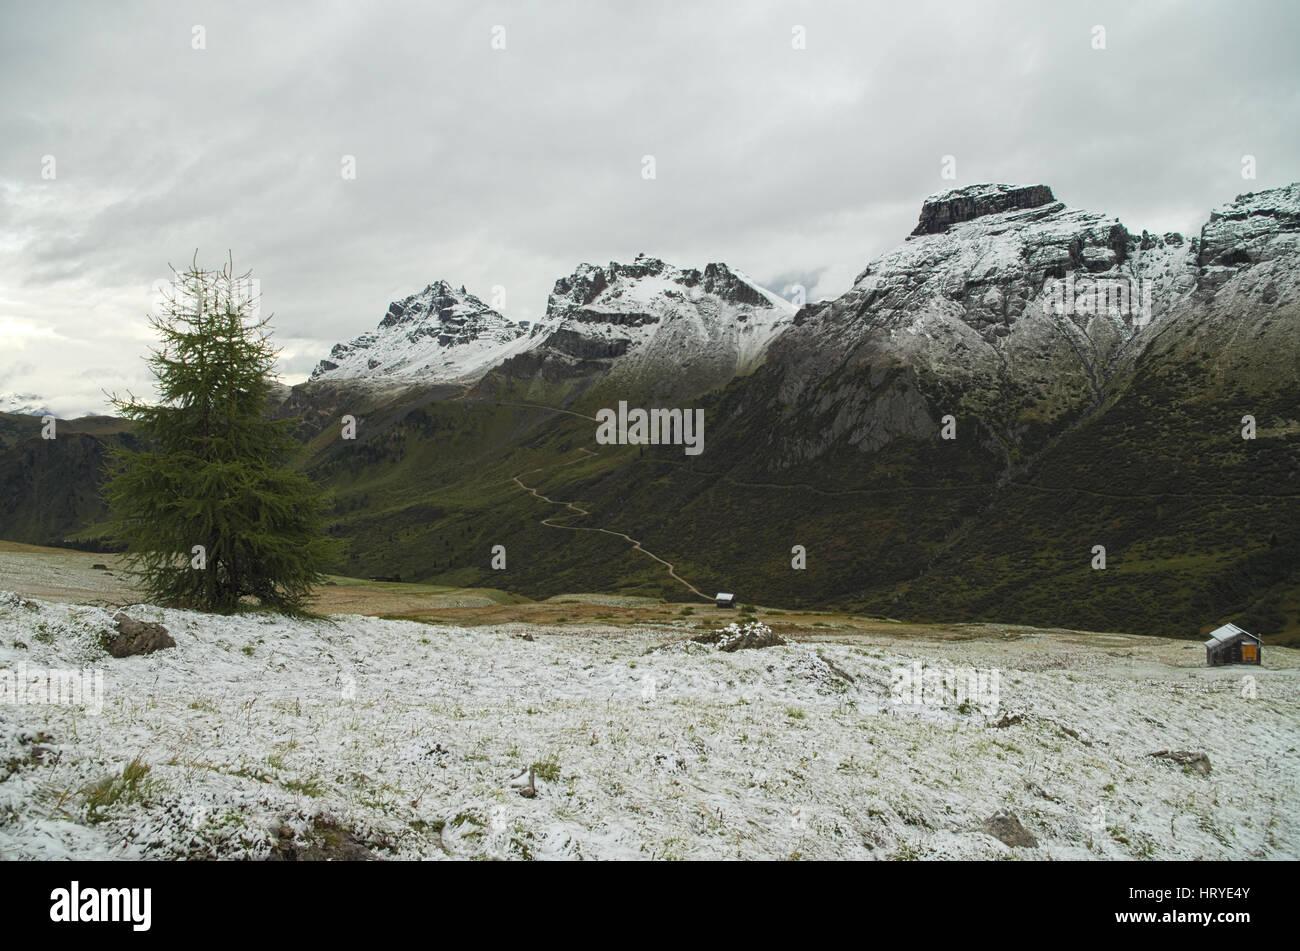 Passo Pordoi: first snow of the season on the Dolomiti mountains, Italy - Stock Image